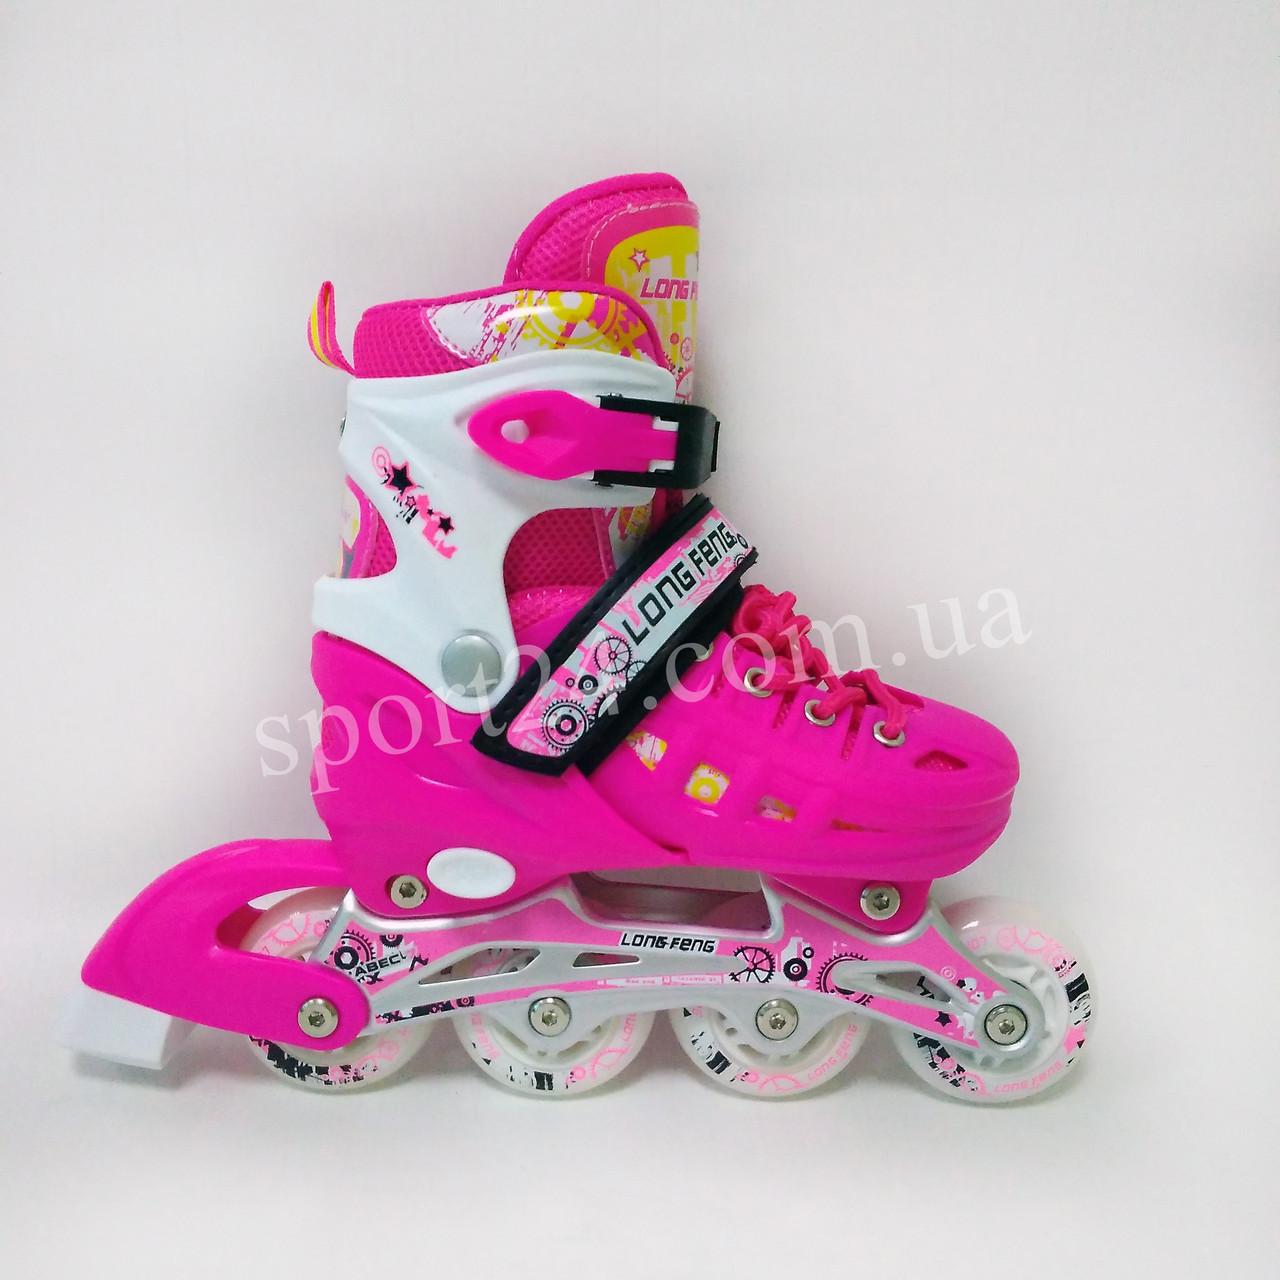 Ролики раздвижные LF Scale Sport (ЛФ Скайл Спорт), розовые, S (31-34), M (35-38), L (39-42)